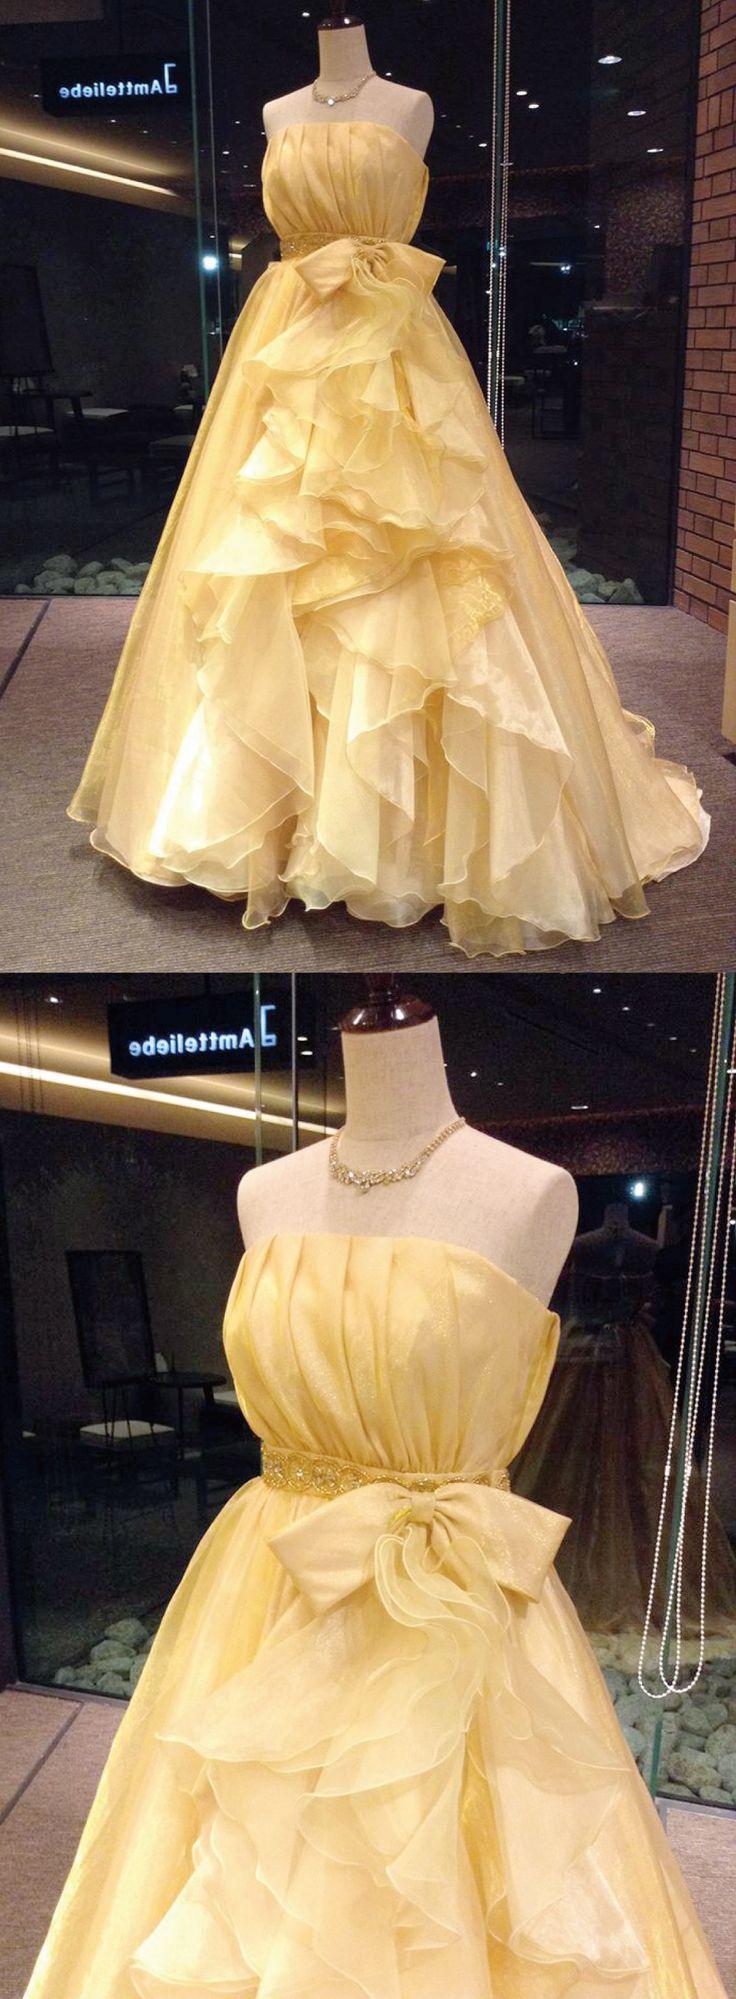 【新作ドレス】江坂店/イタリアブランド「BELLANTUONO(ベラントゥオーノ)」の新作カラードレスをご紹介します。アンテリーベ特注のオリジナルカラーで、柔らかいオーガンジーを使用しています。デザインはアシンメトリーでゲストが見る角度によっても変化を楽しむことができます。サイドのフリルに取り入れたラメジョーゼットという光沢感のある異素材がアクセントです。この他にも新作ドレスを入荷しております!ぜひアンテリーベ店頭にてご覧くださいませ。皆様のご来店を心よりお待ちしております。